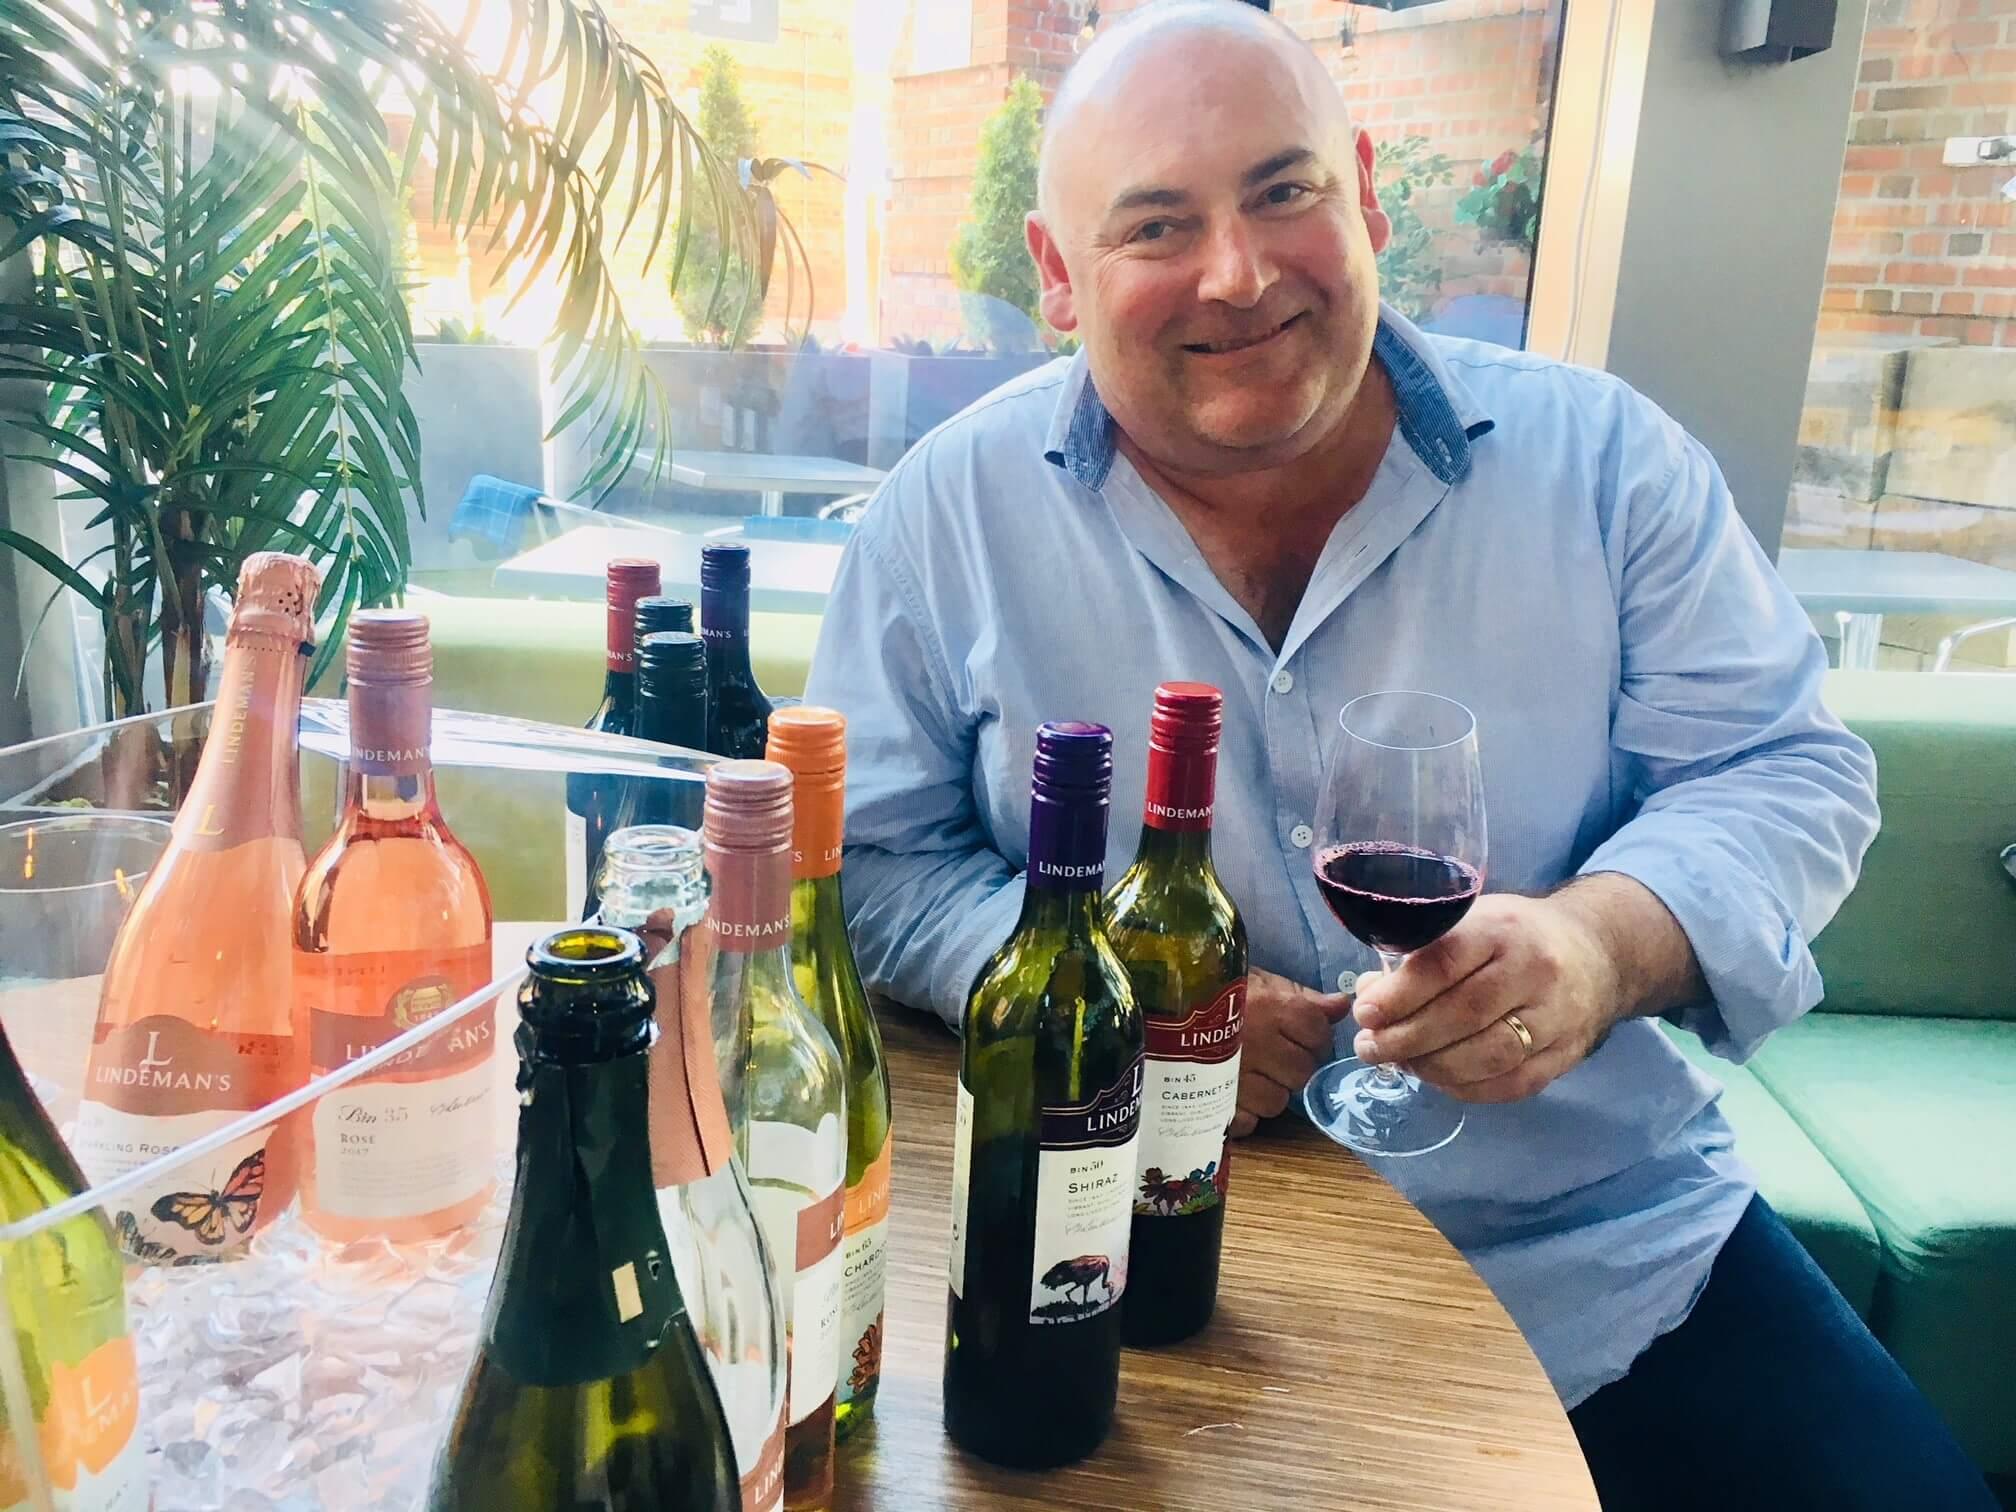 Klimaendringer truer vin og vinproduksjonen, forteller vinmakere både i Australia og New Zealand. Økte temperaturer og mer ekstremvær er en utfordring både for små og store vinprodusenter. Her er noen vintips fra Lindeman's og Dog Point, og mer om hvordan verdens vinproduksjon endres på grunn av været.